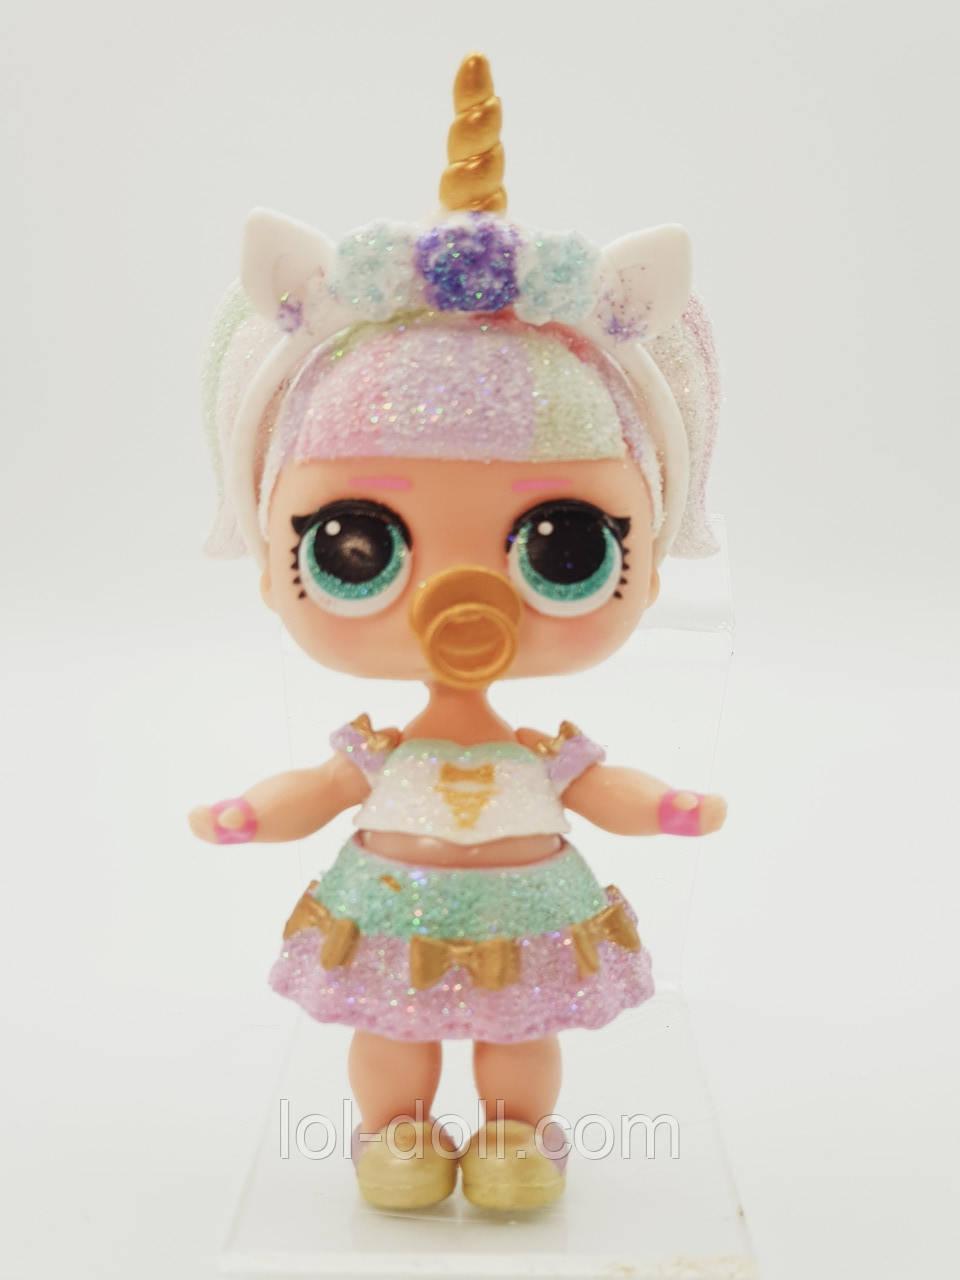 Кукла LOL Surprise 3 Серия Unocorn - Единорожка Лол Сюрприз Без Шара Оригинал